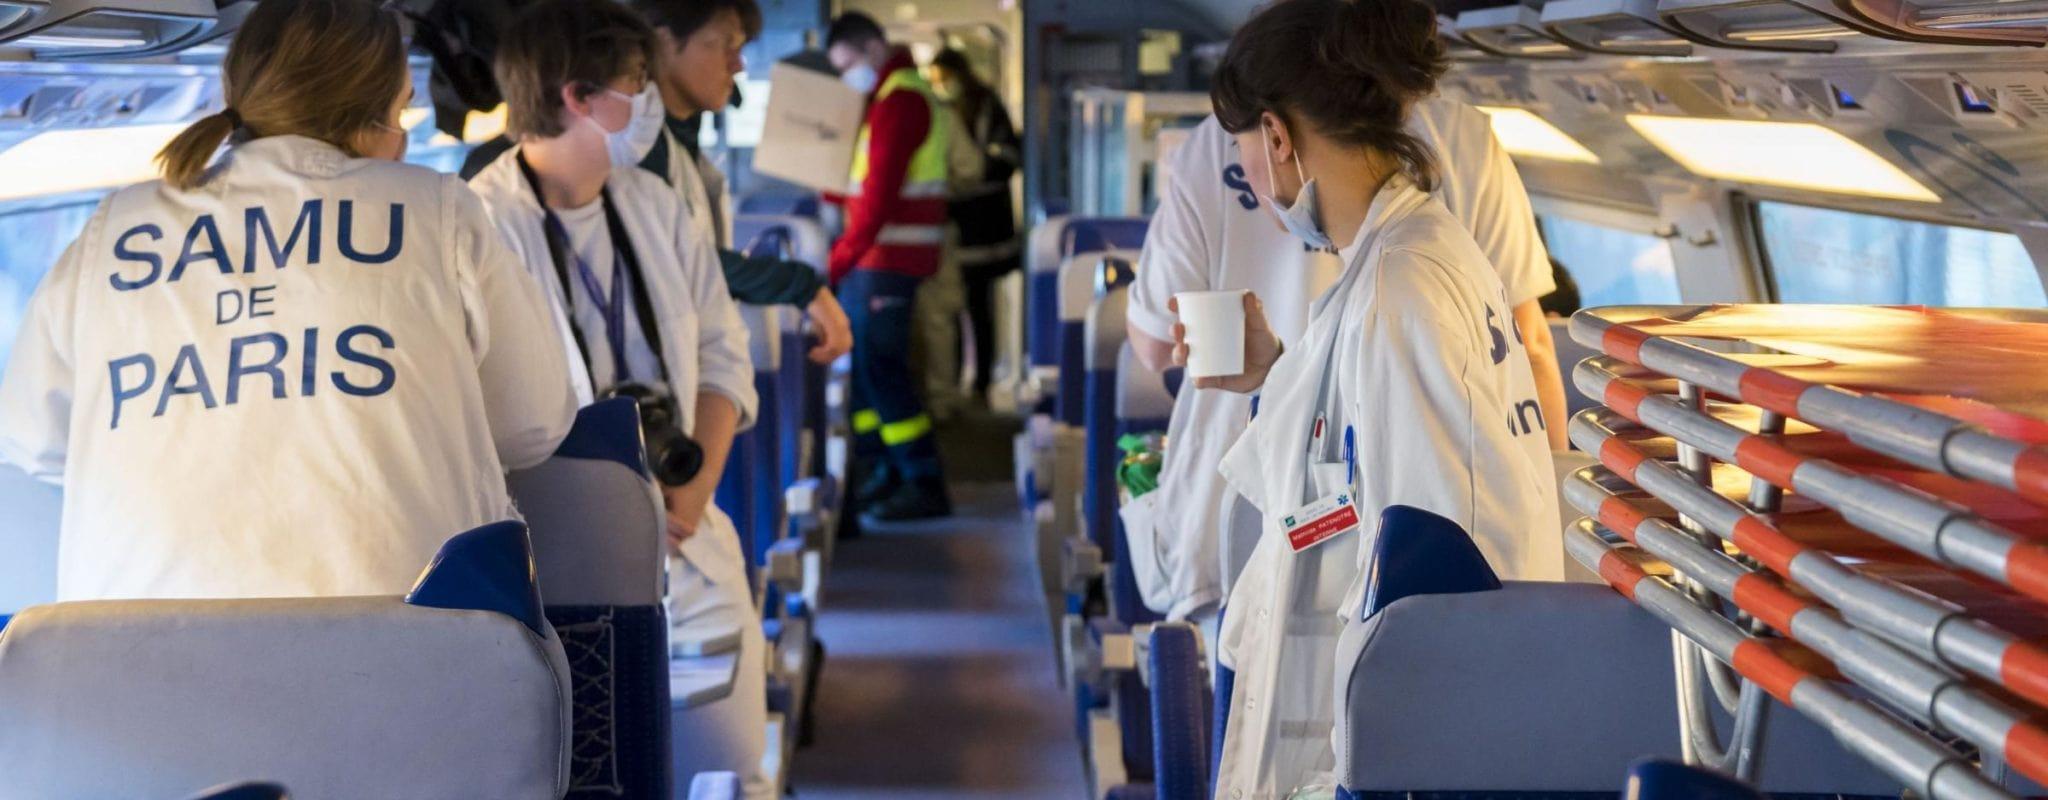 Strasbourg craint une concurrence des transferts sanitaires entre les villes